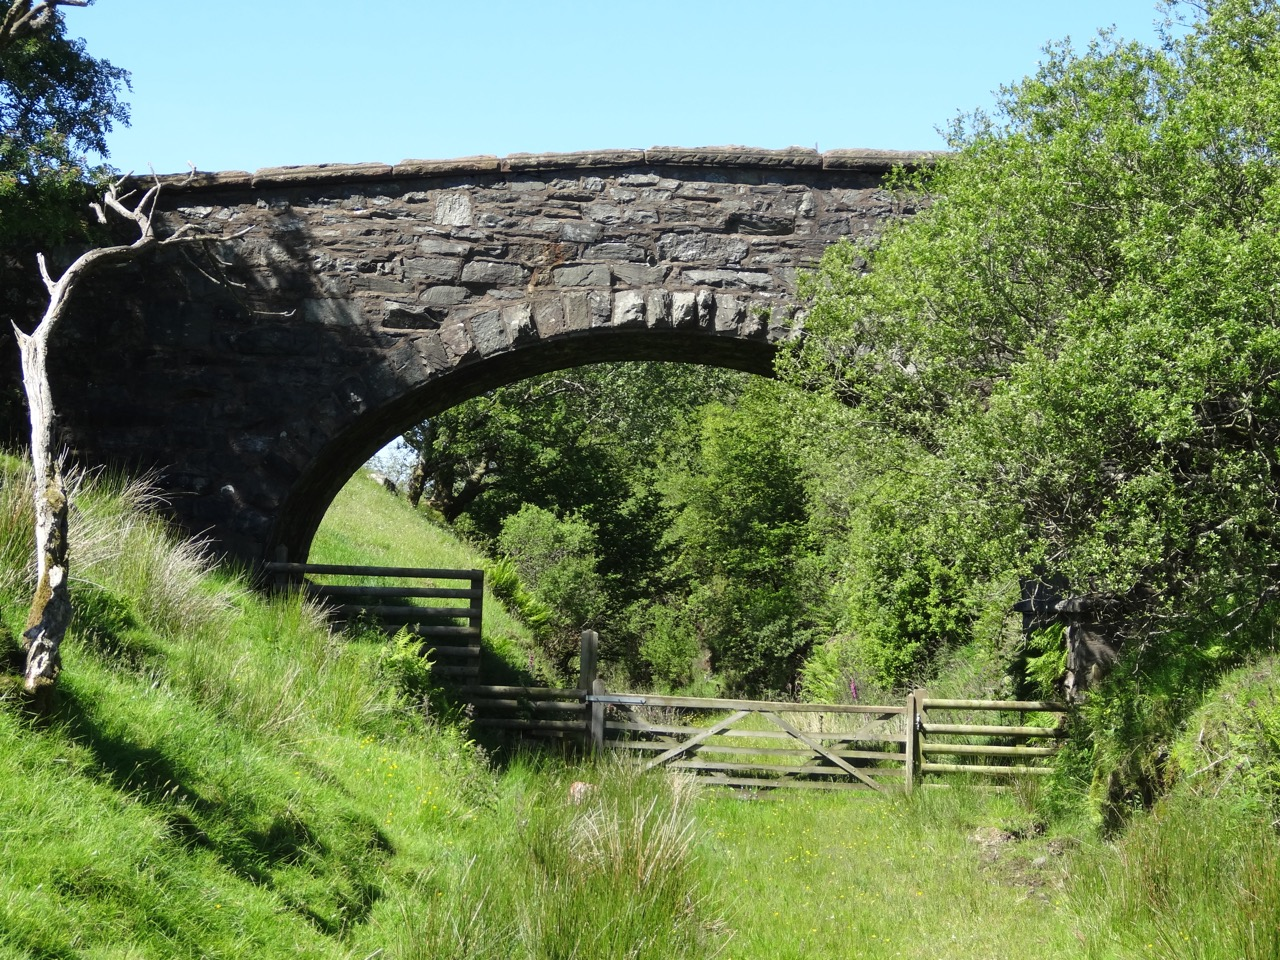 Bryn Celynog Bridge at Cwm Prysor, near Trawsfynydd